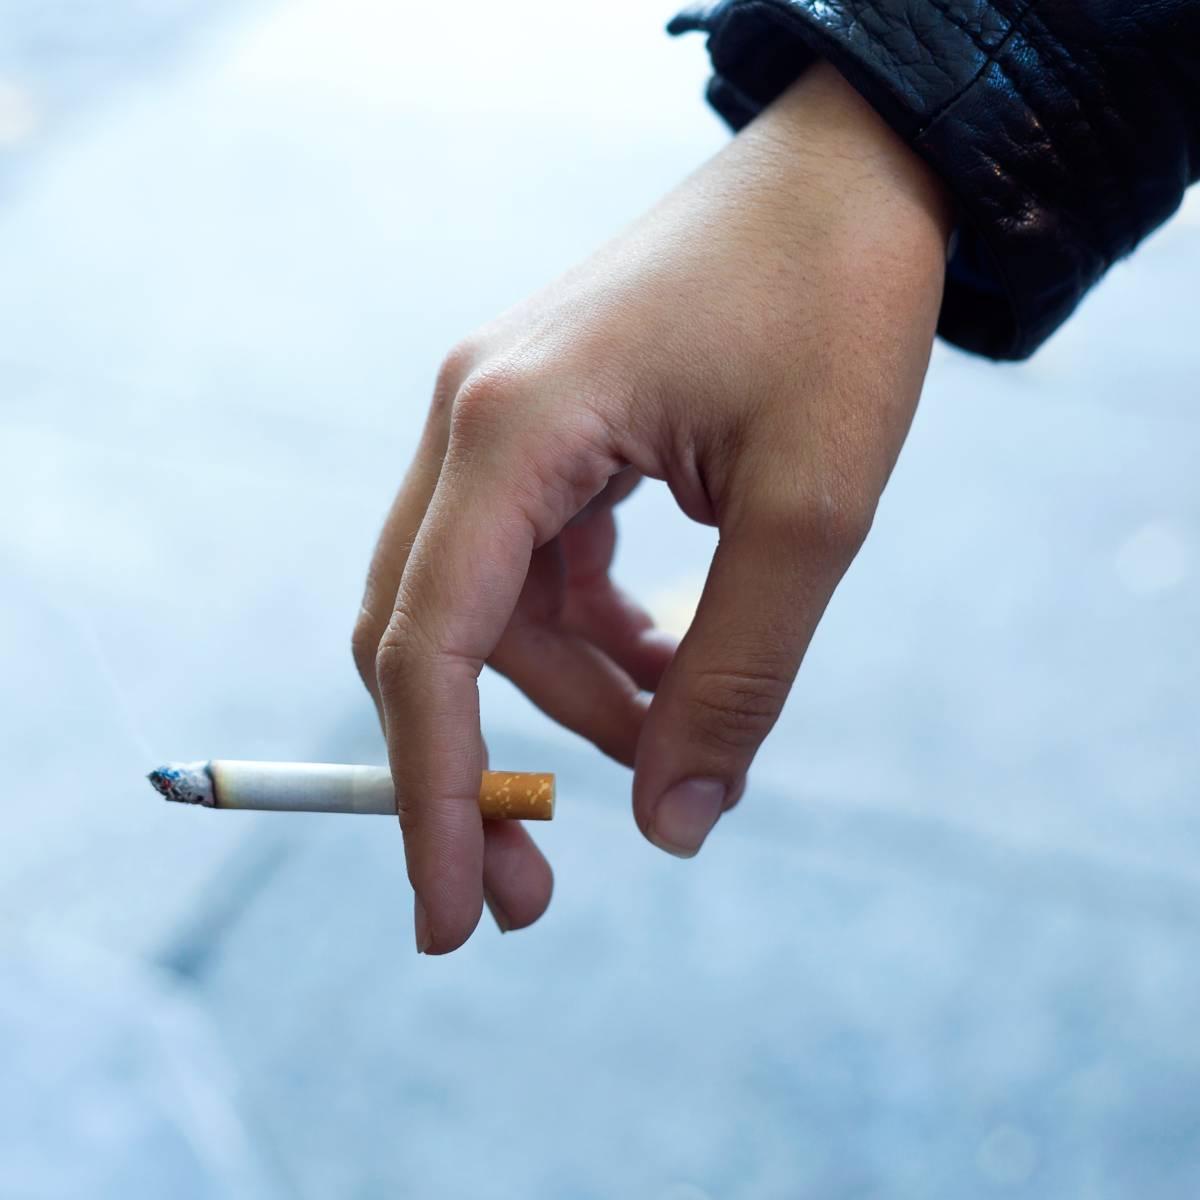 Arrêter de fumer 6 à 8 semaines avant l'opération pour réduire les risques de complications.